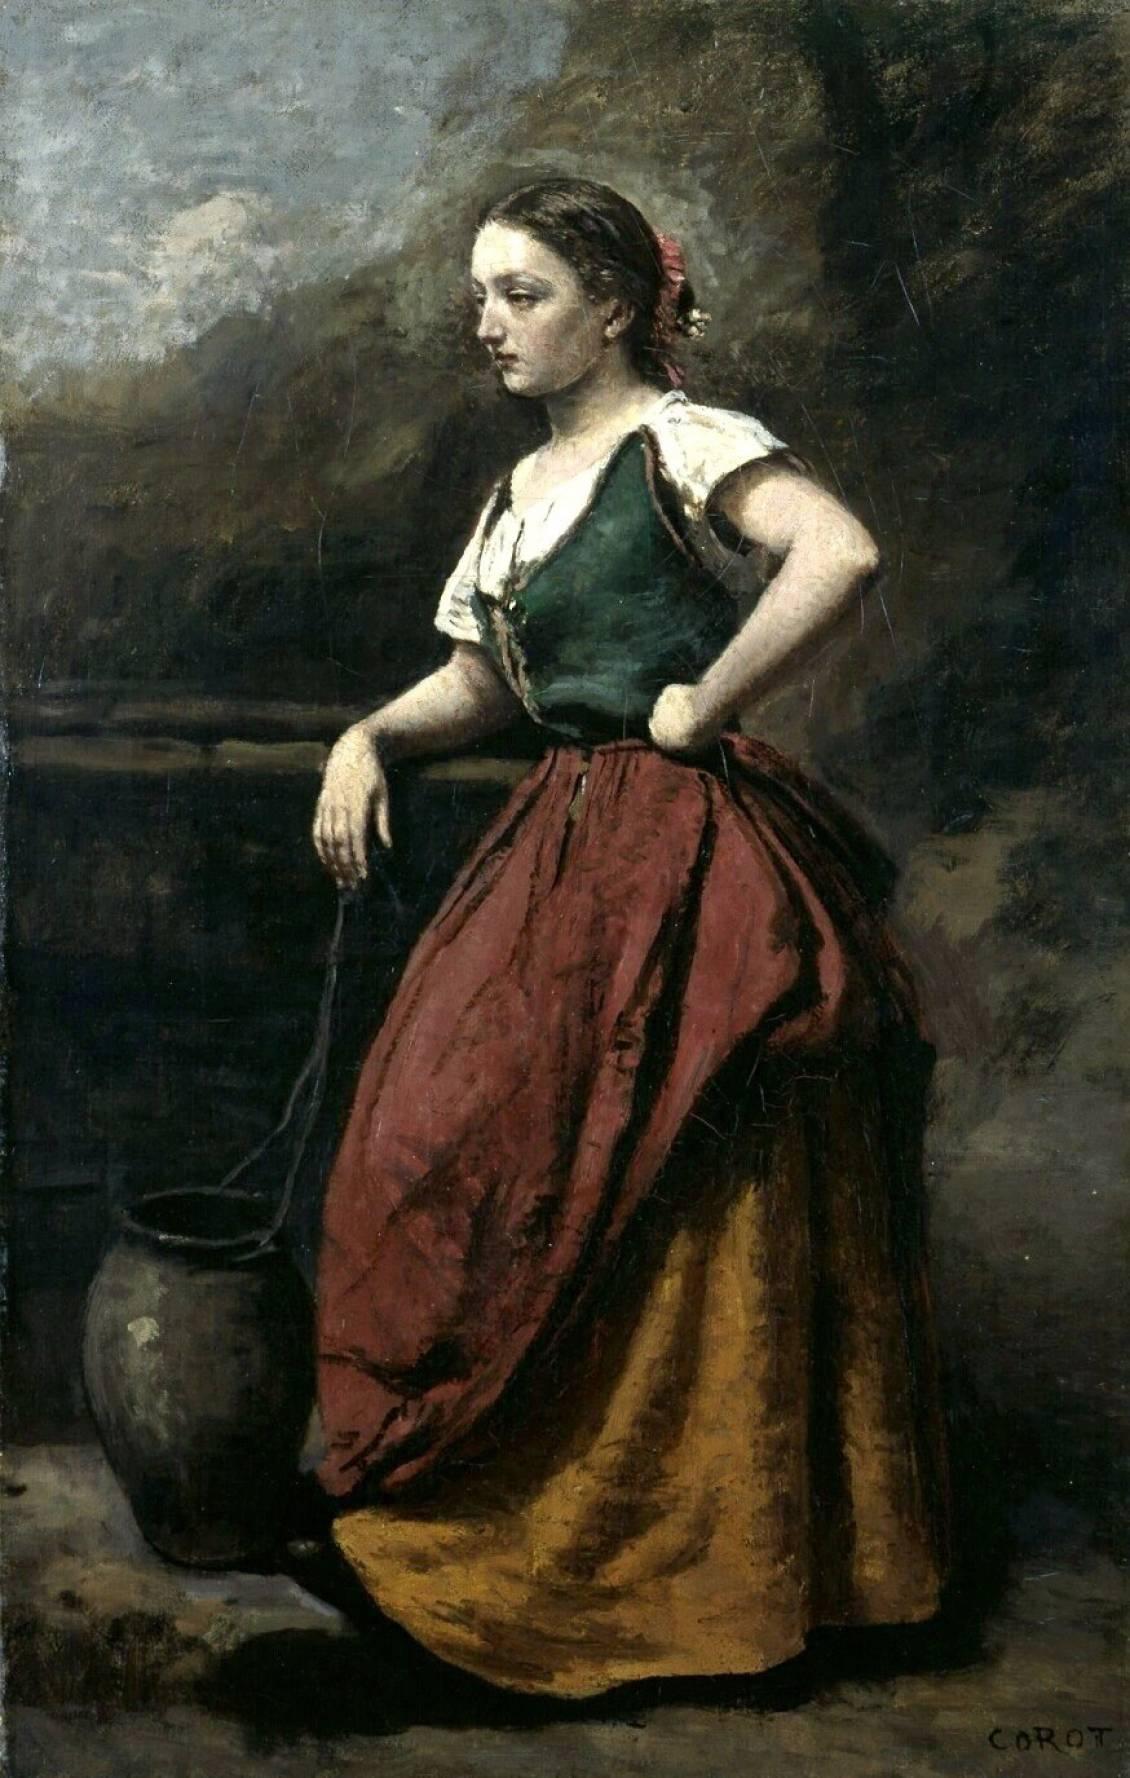 Jean-Baptiste Corot,Jonge vrouw bij een bron, 1865-1870 (Voormalig collectie Rijksmuseum Kröller-Müller)